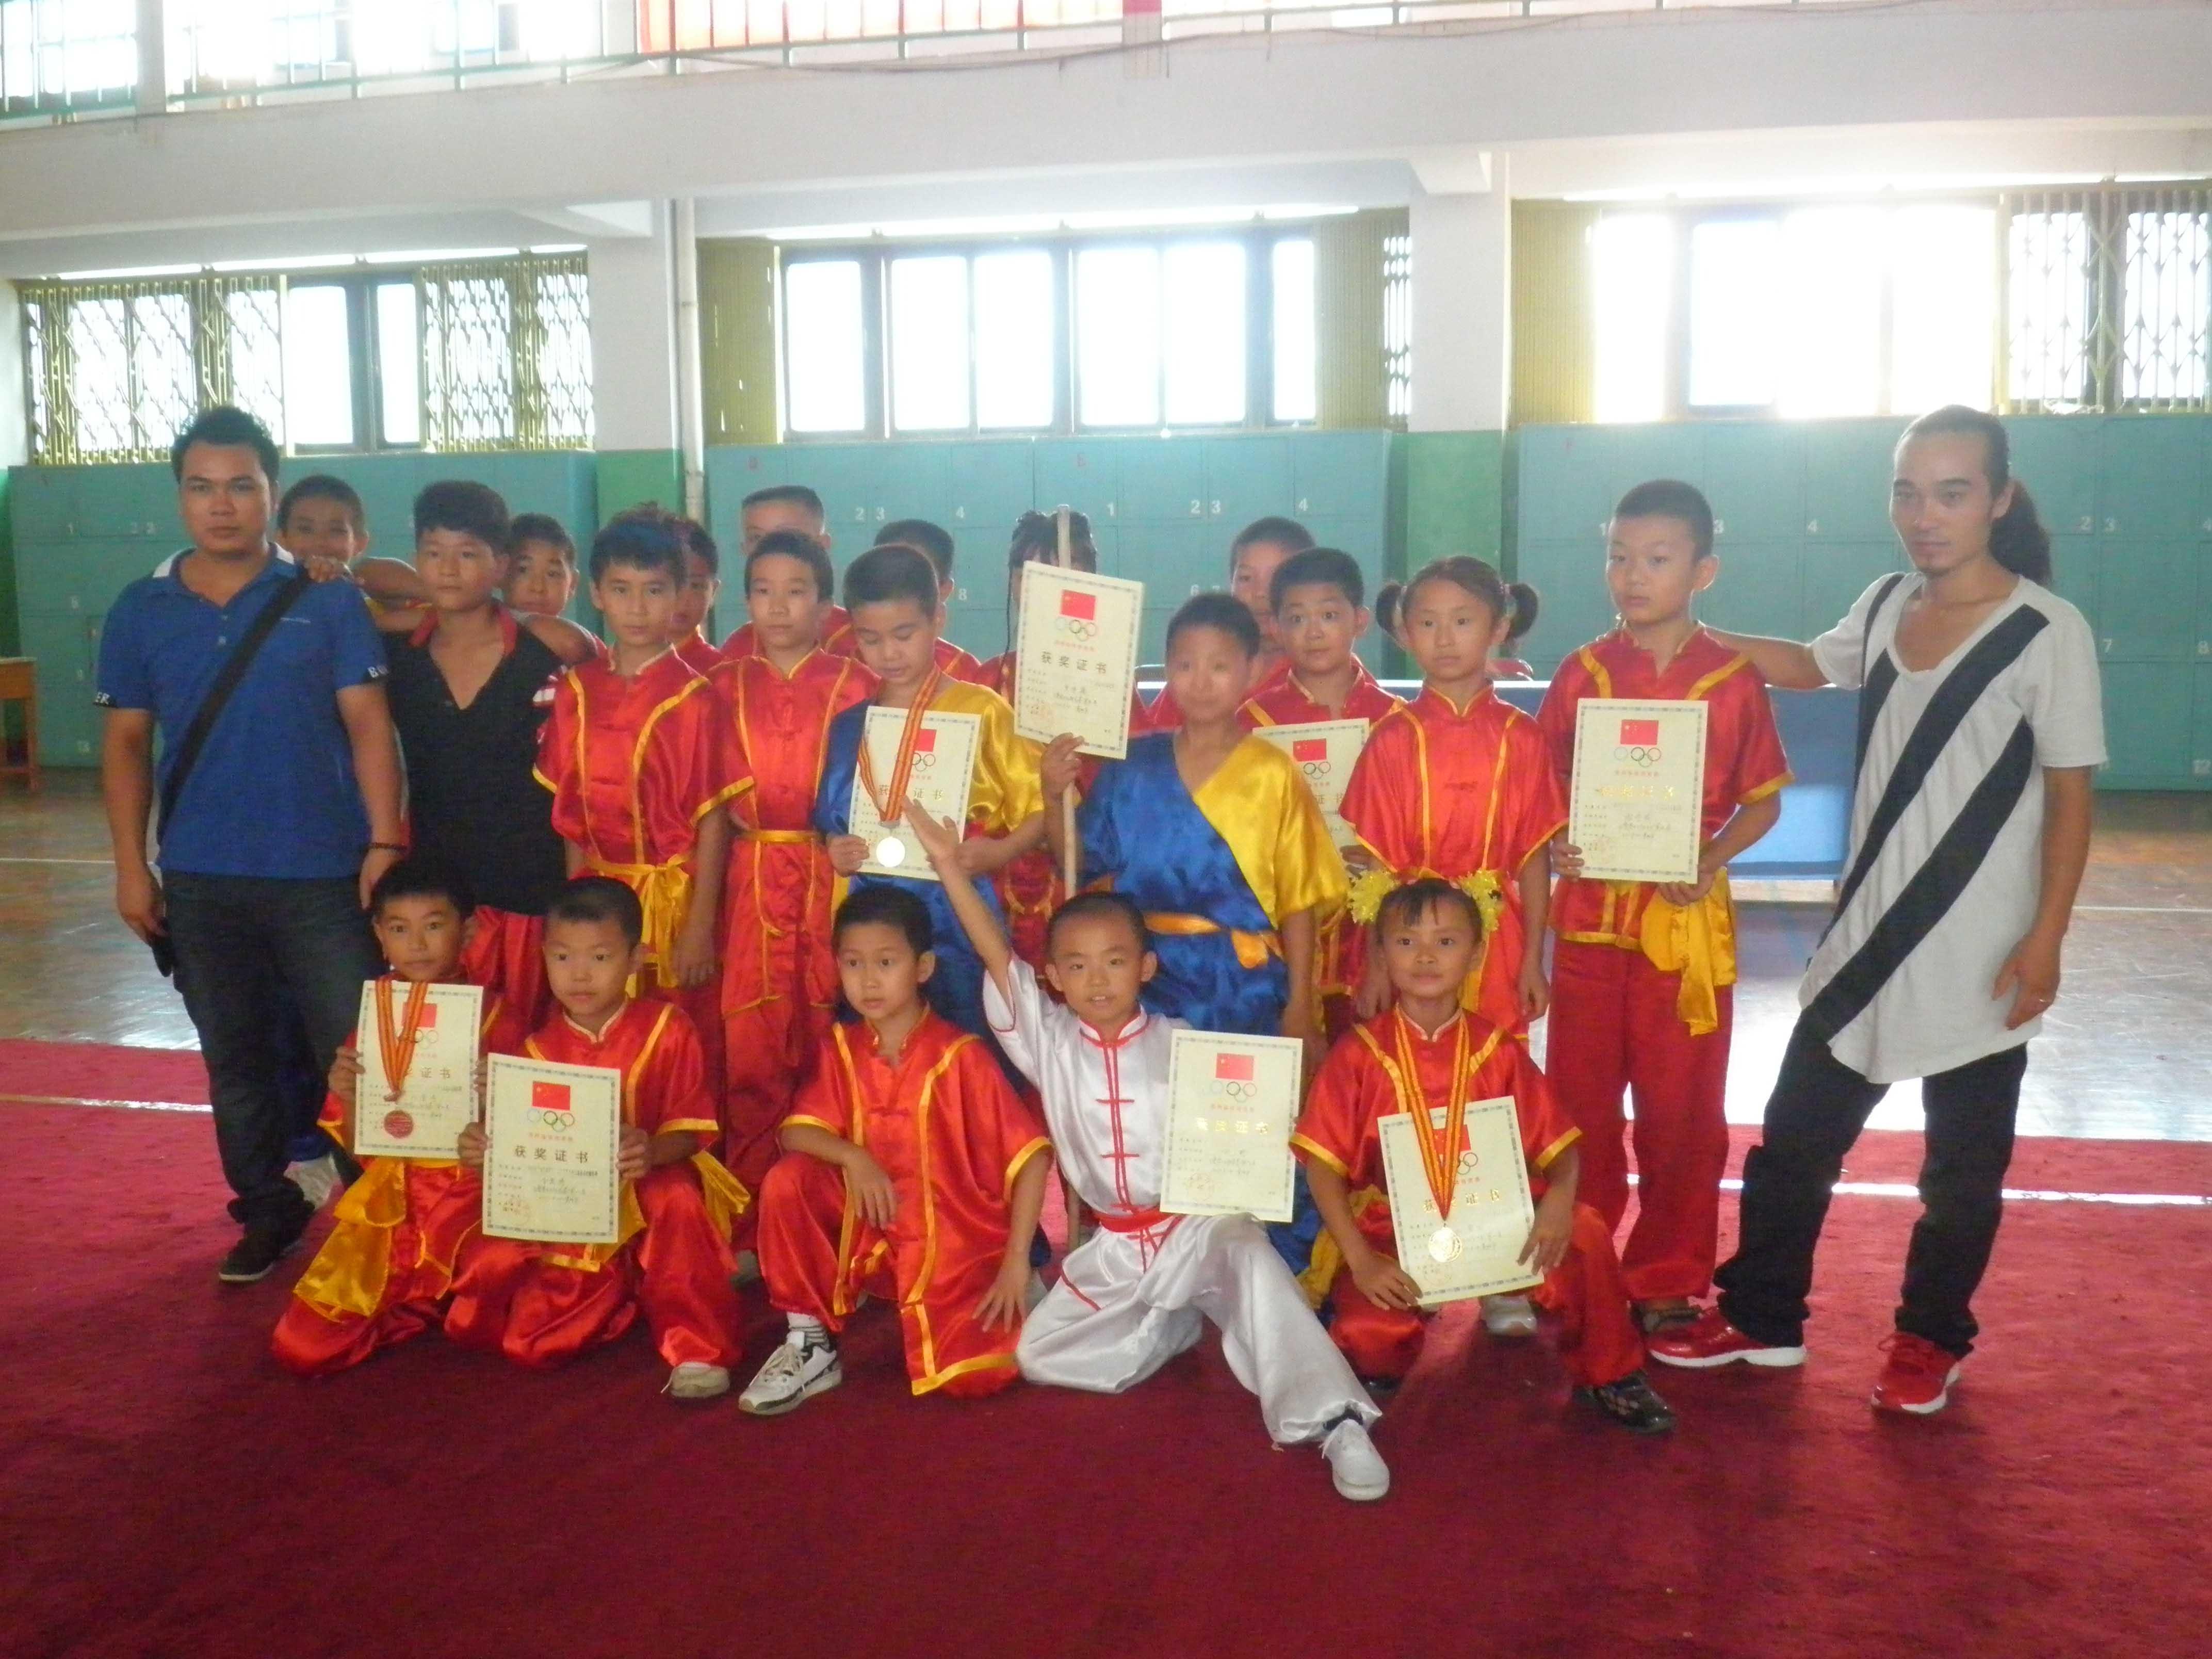 2009年贵州省武术套路锦标赛获奖合影